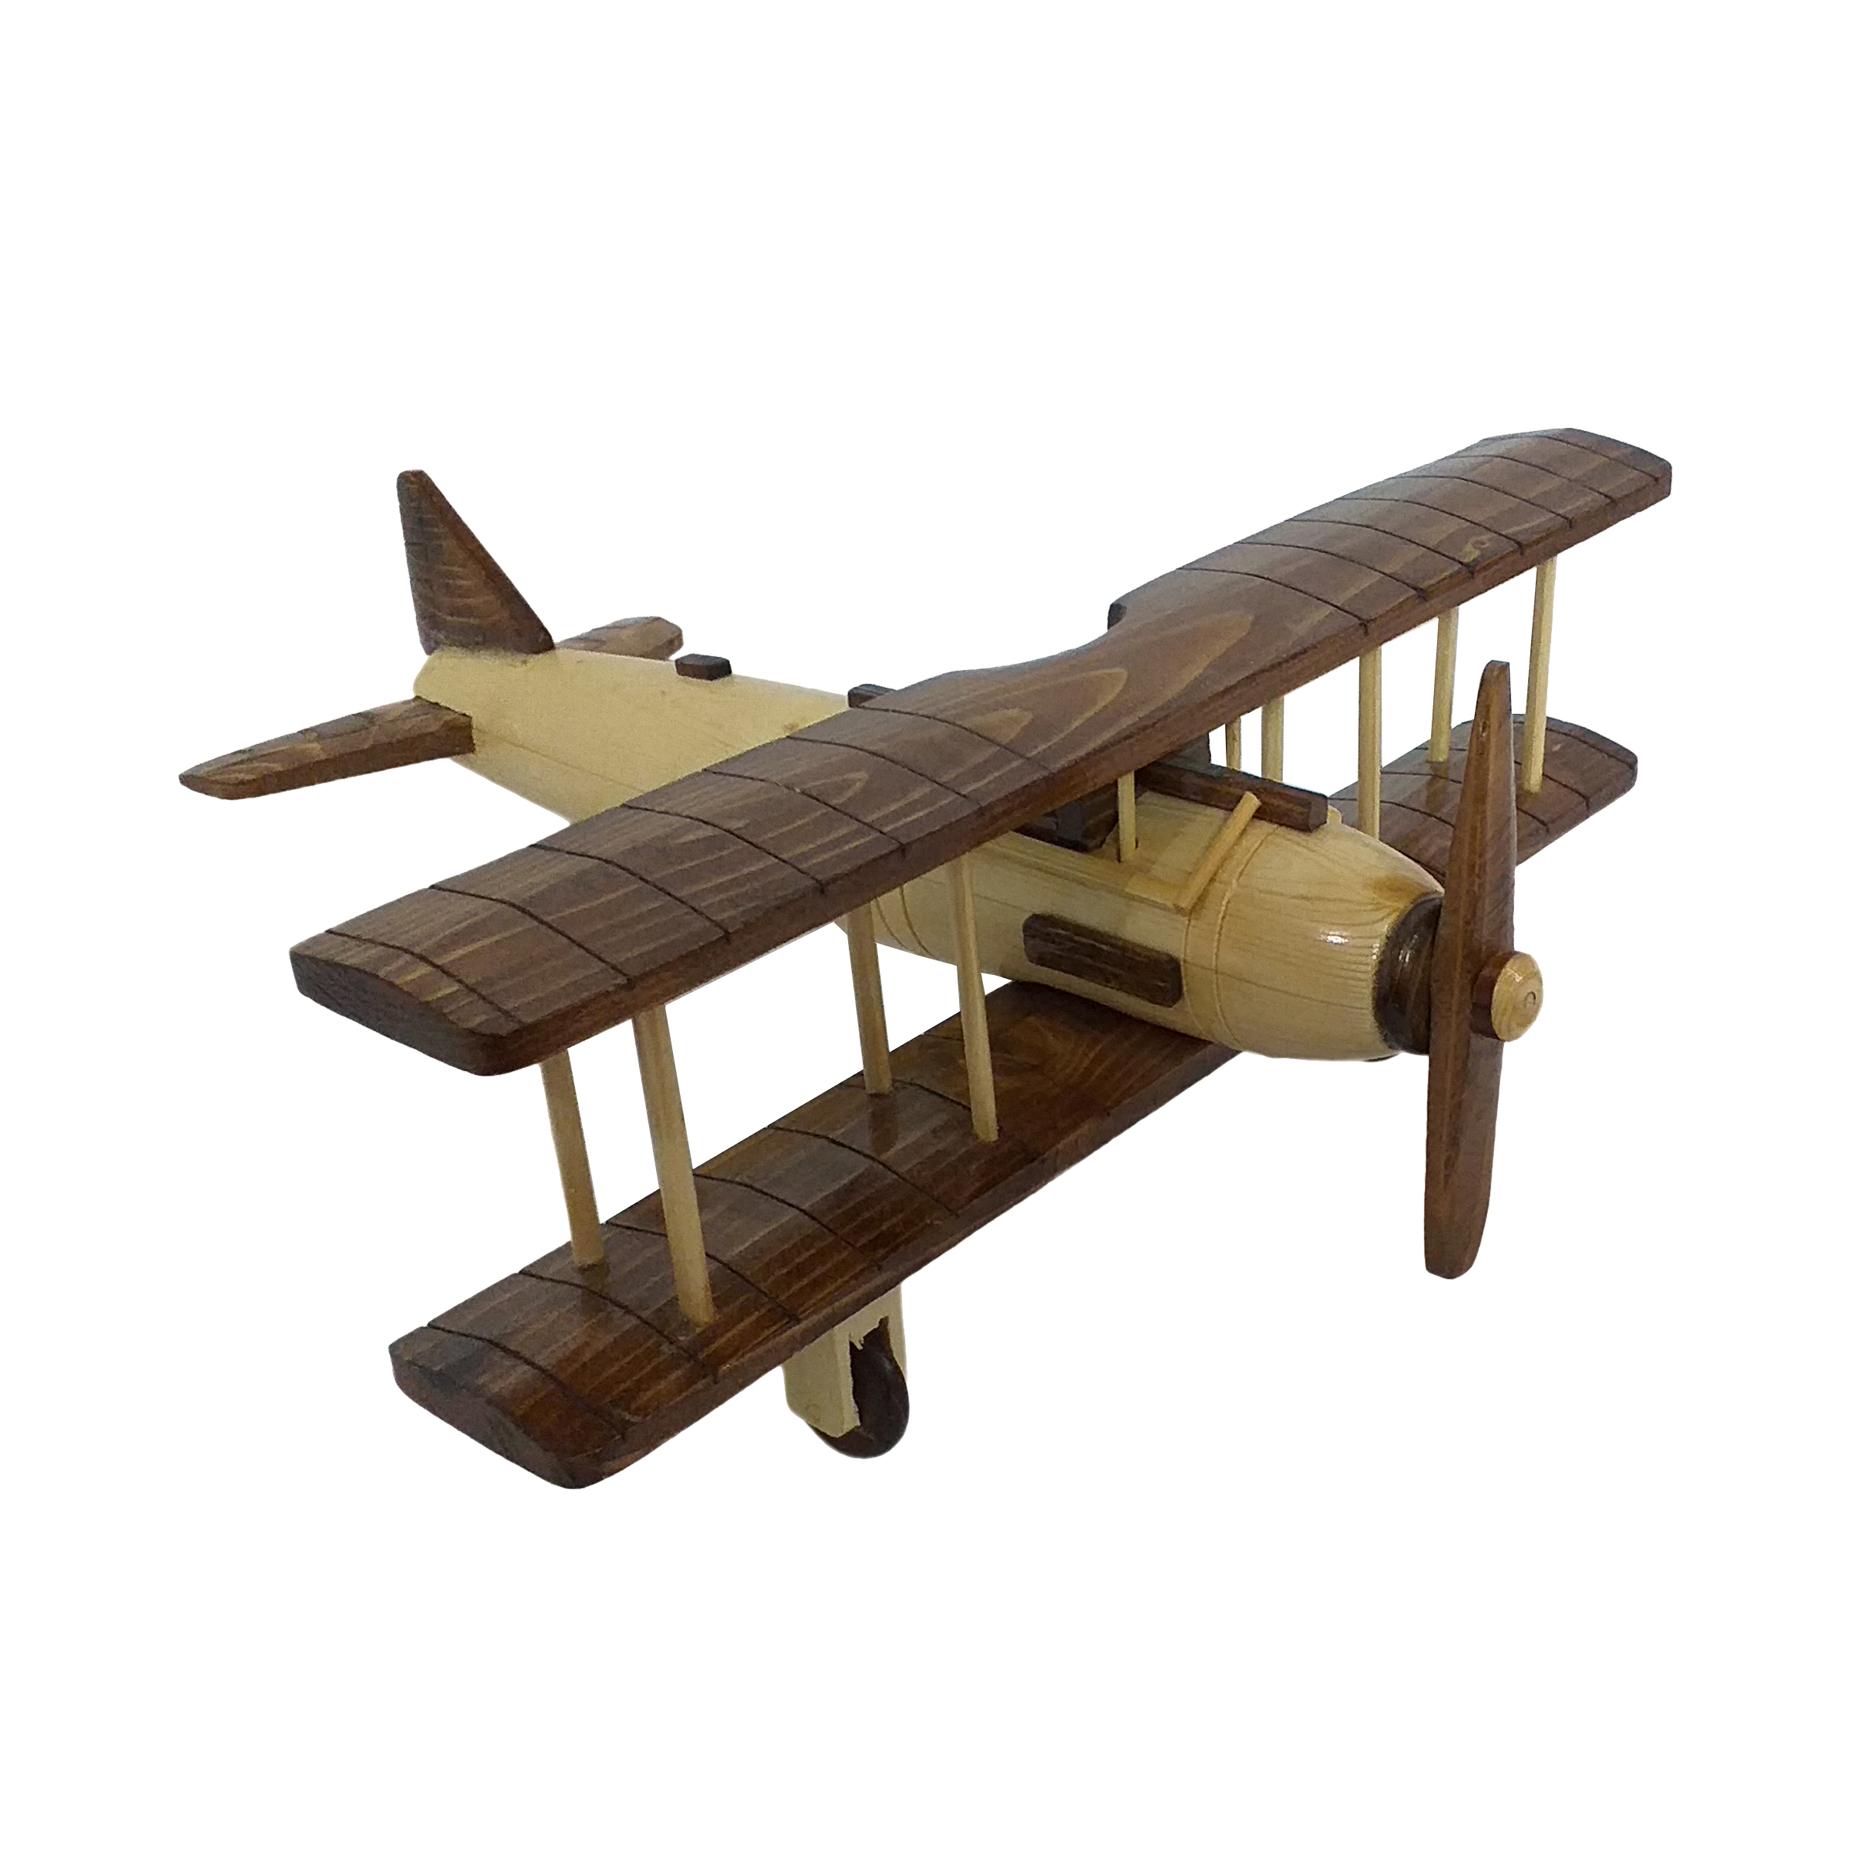 اسباب بازی چوبین هنر مدل هواپیمای دو بال کد 2110